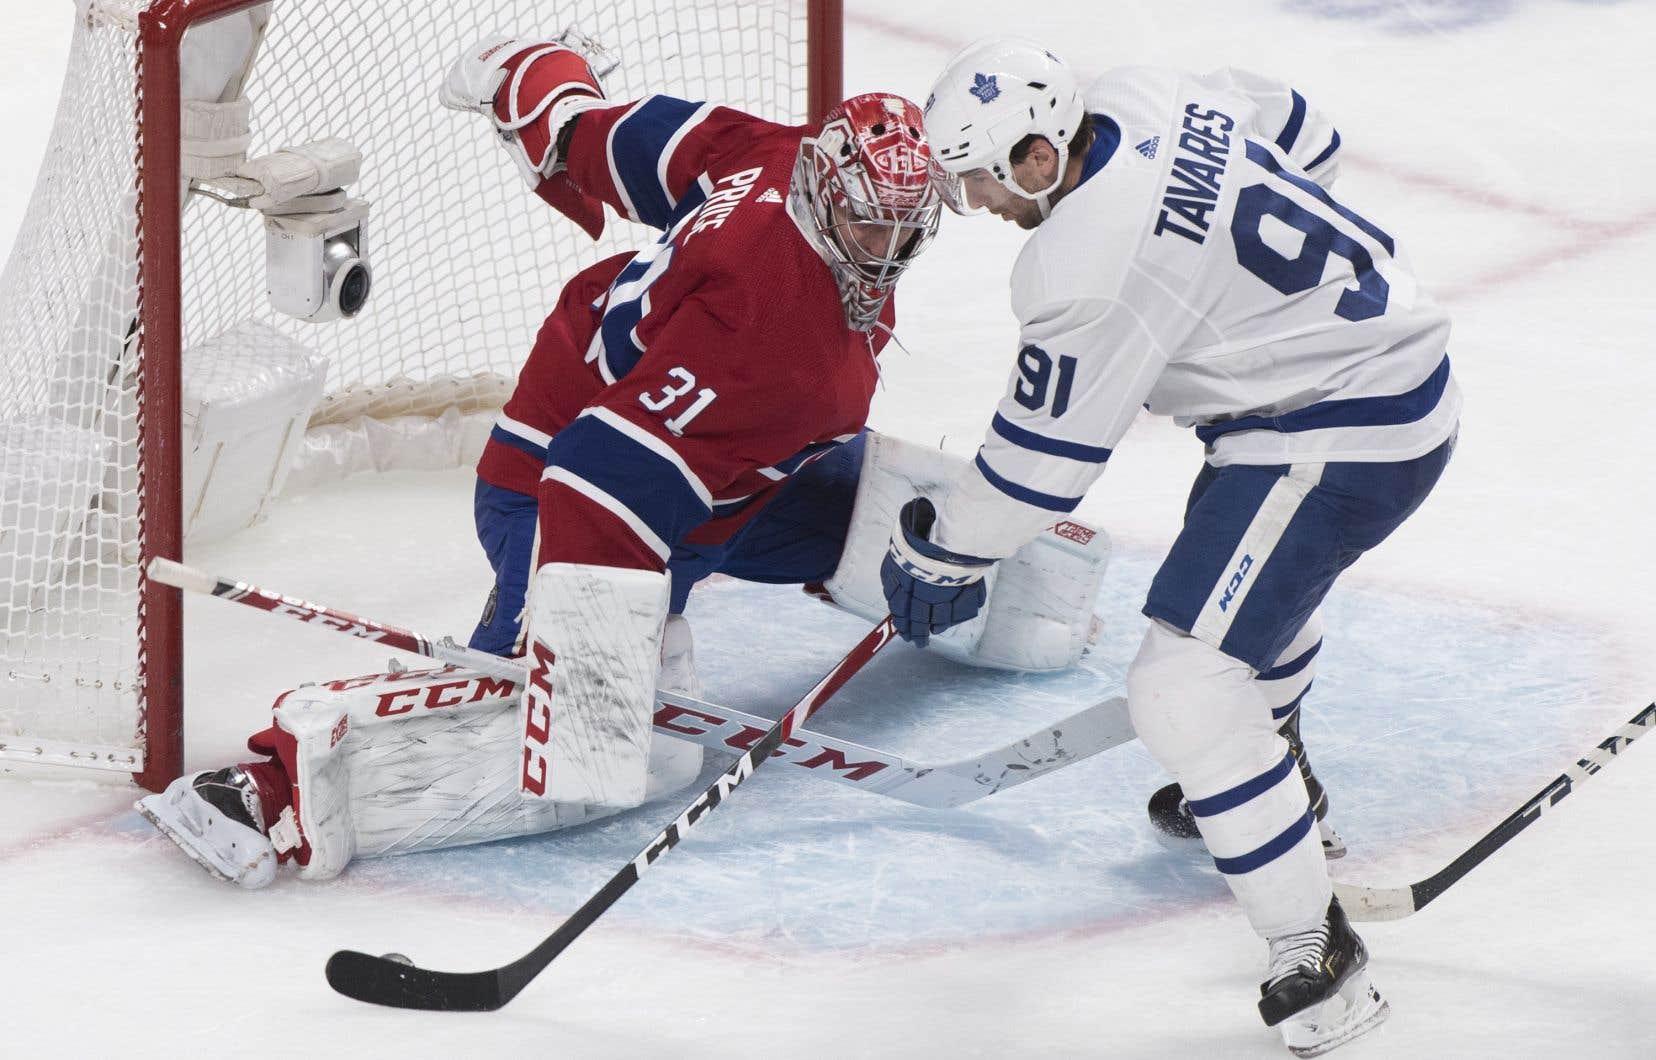 Carey Price a frustré John Tavares, le capitaine des Leafs, en effectuant un spectaculaire déplacement latéral pour bloquer son tir en milieu de période médiane, en route vers une soirée de 22 arrêts.